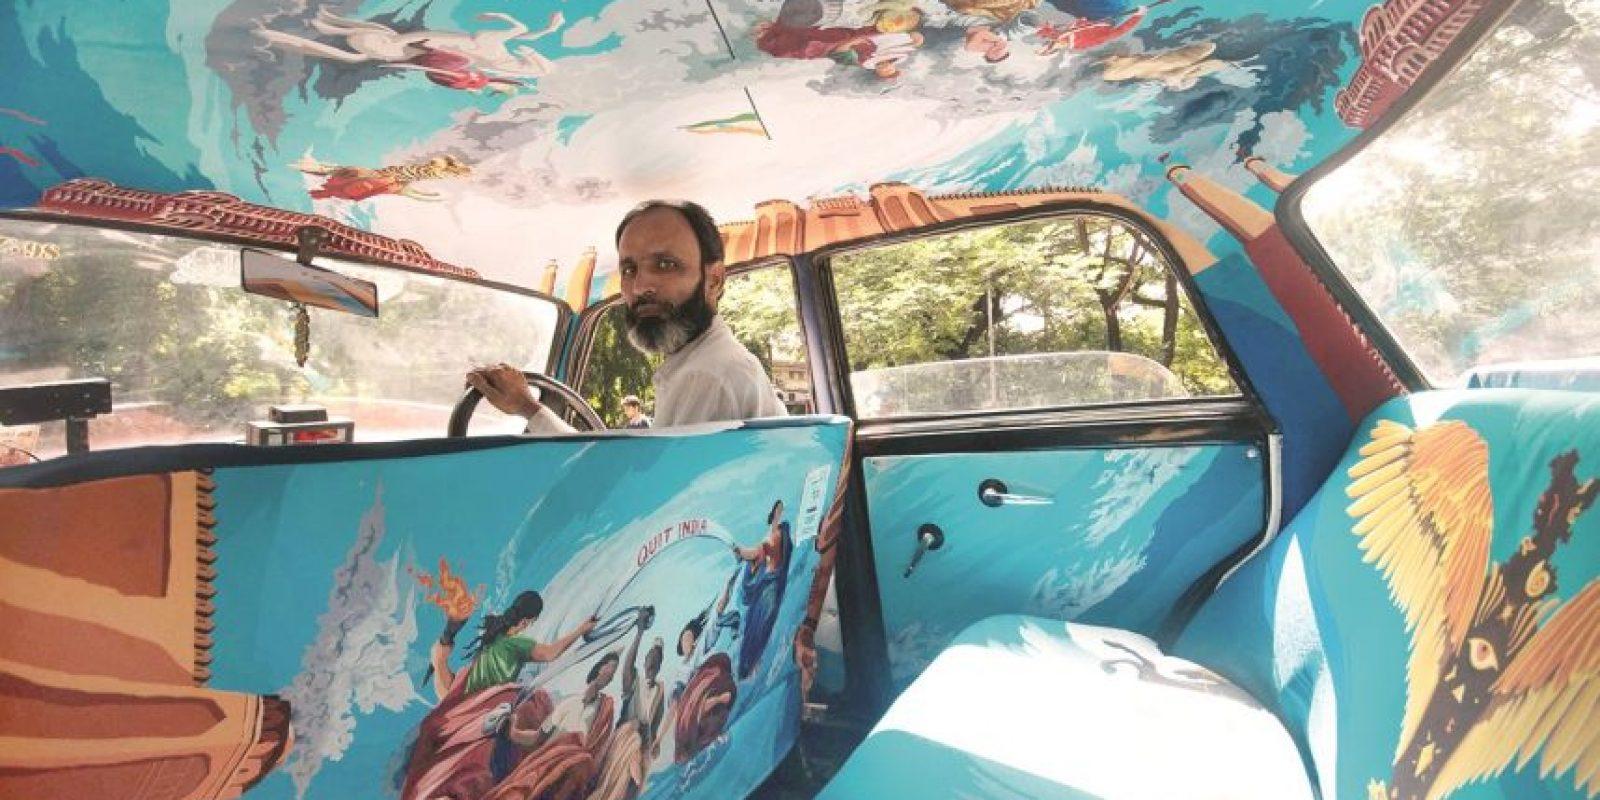 7- Proyecto. Enchula mi taxi, al estilo Mumbai. El proyecto Taxi Fabric en Mumbai, India, vio a un grupo de artistas llevar el arte a la tapicería de carros mediante la mejora del interior de los taxis de la ciudad con creativos e intrincados diseños tejidos. Foto:Taxi Fabric